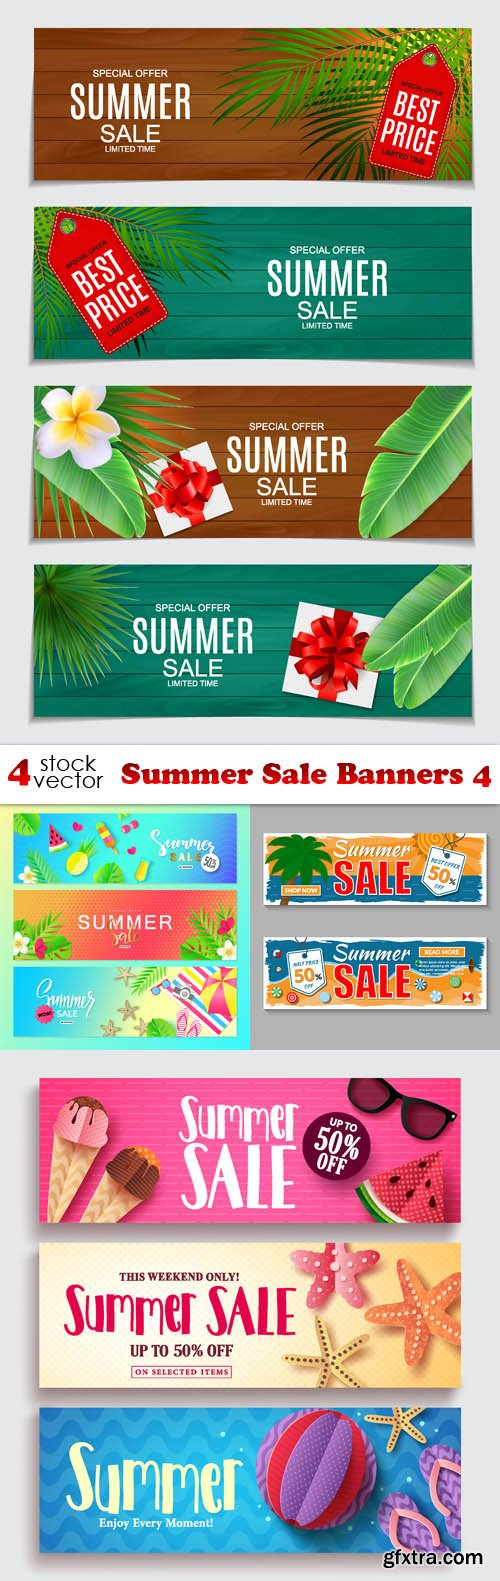 Vectors - Summer Sale Banners 4